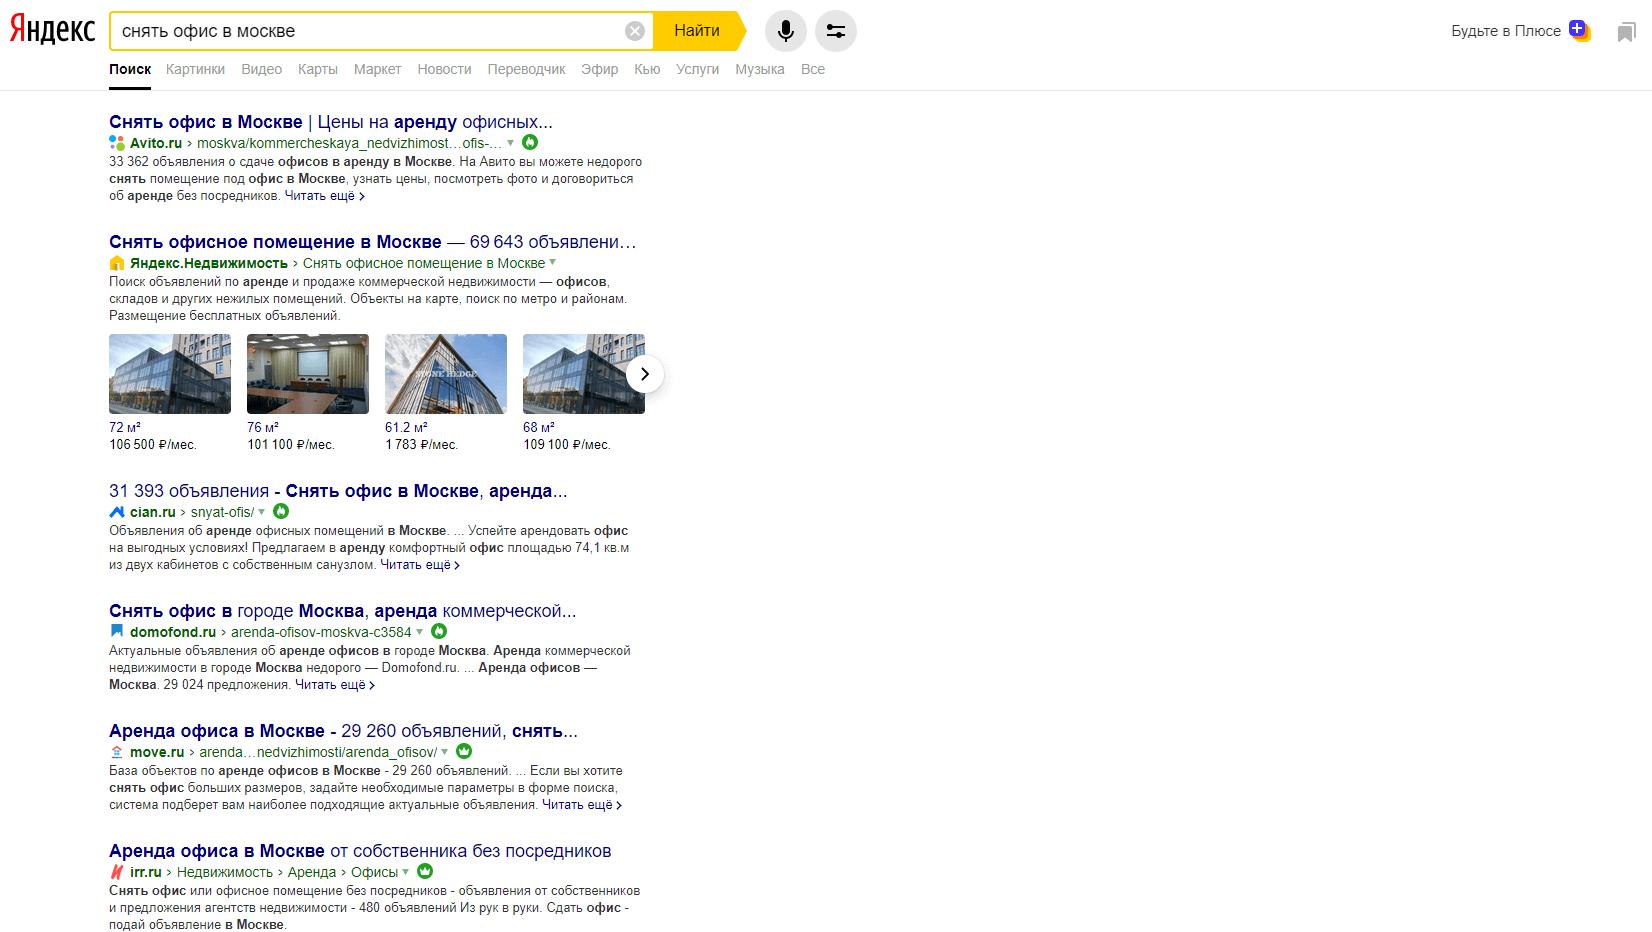 Поисковая выдача агрегаторов в органическом поиске